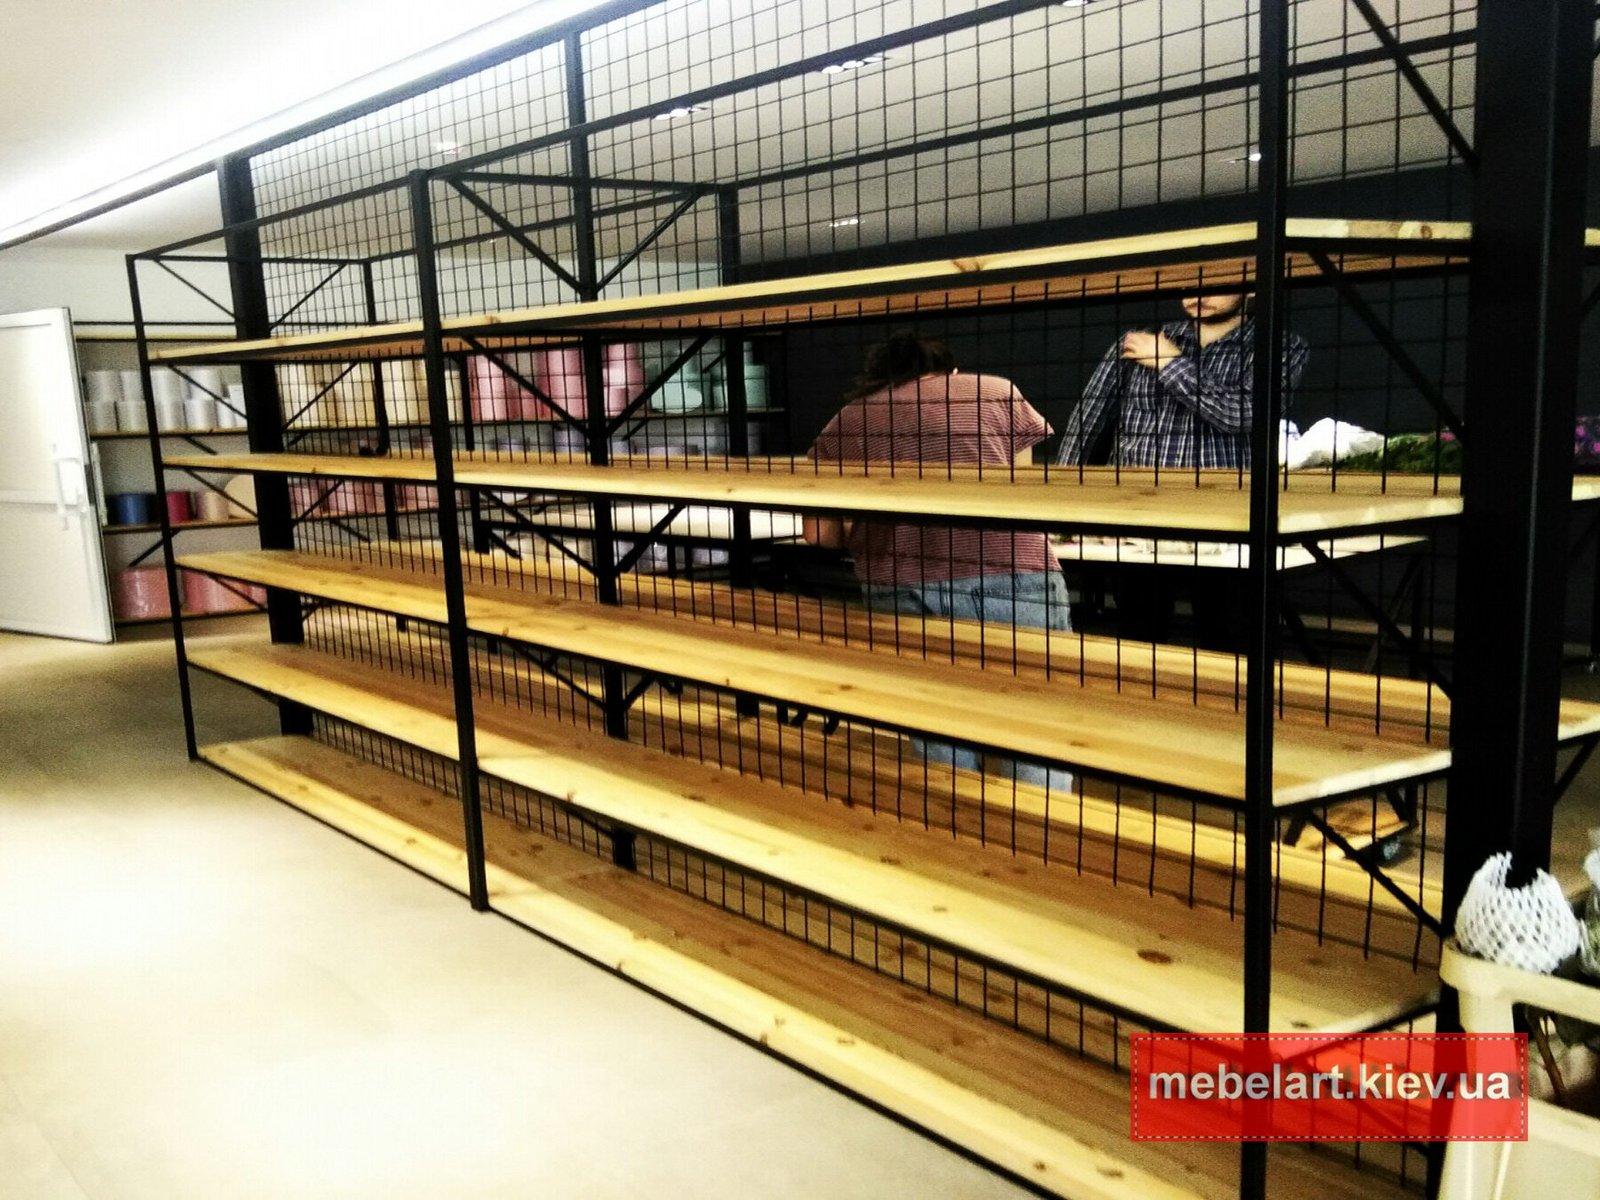 продажа деревянной мебели в стиле лофт